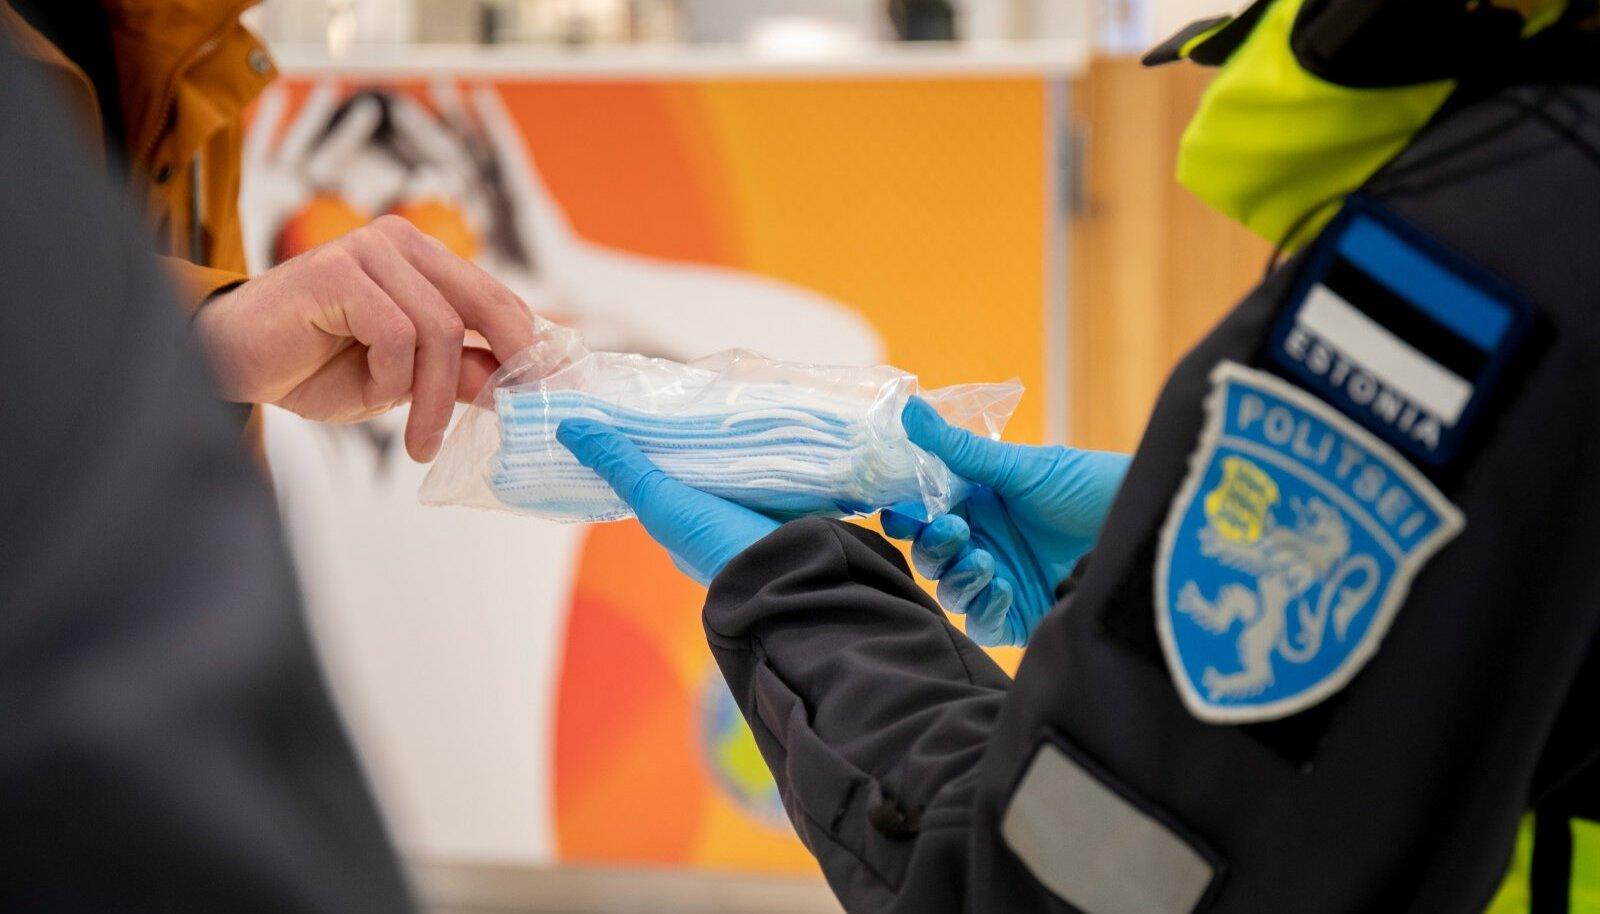 Politsei jagab poodides näomaske. Pilt on illustratiivne.